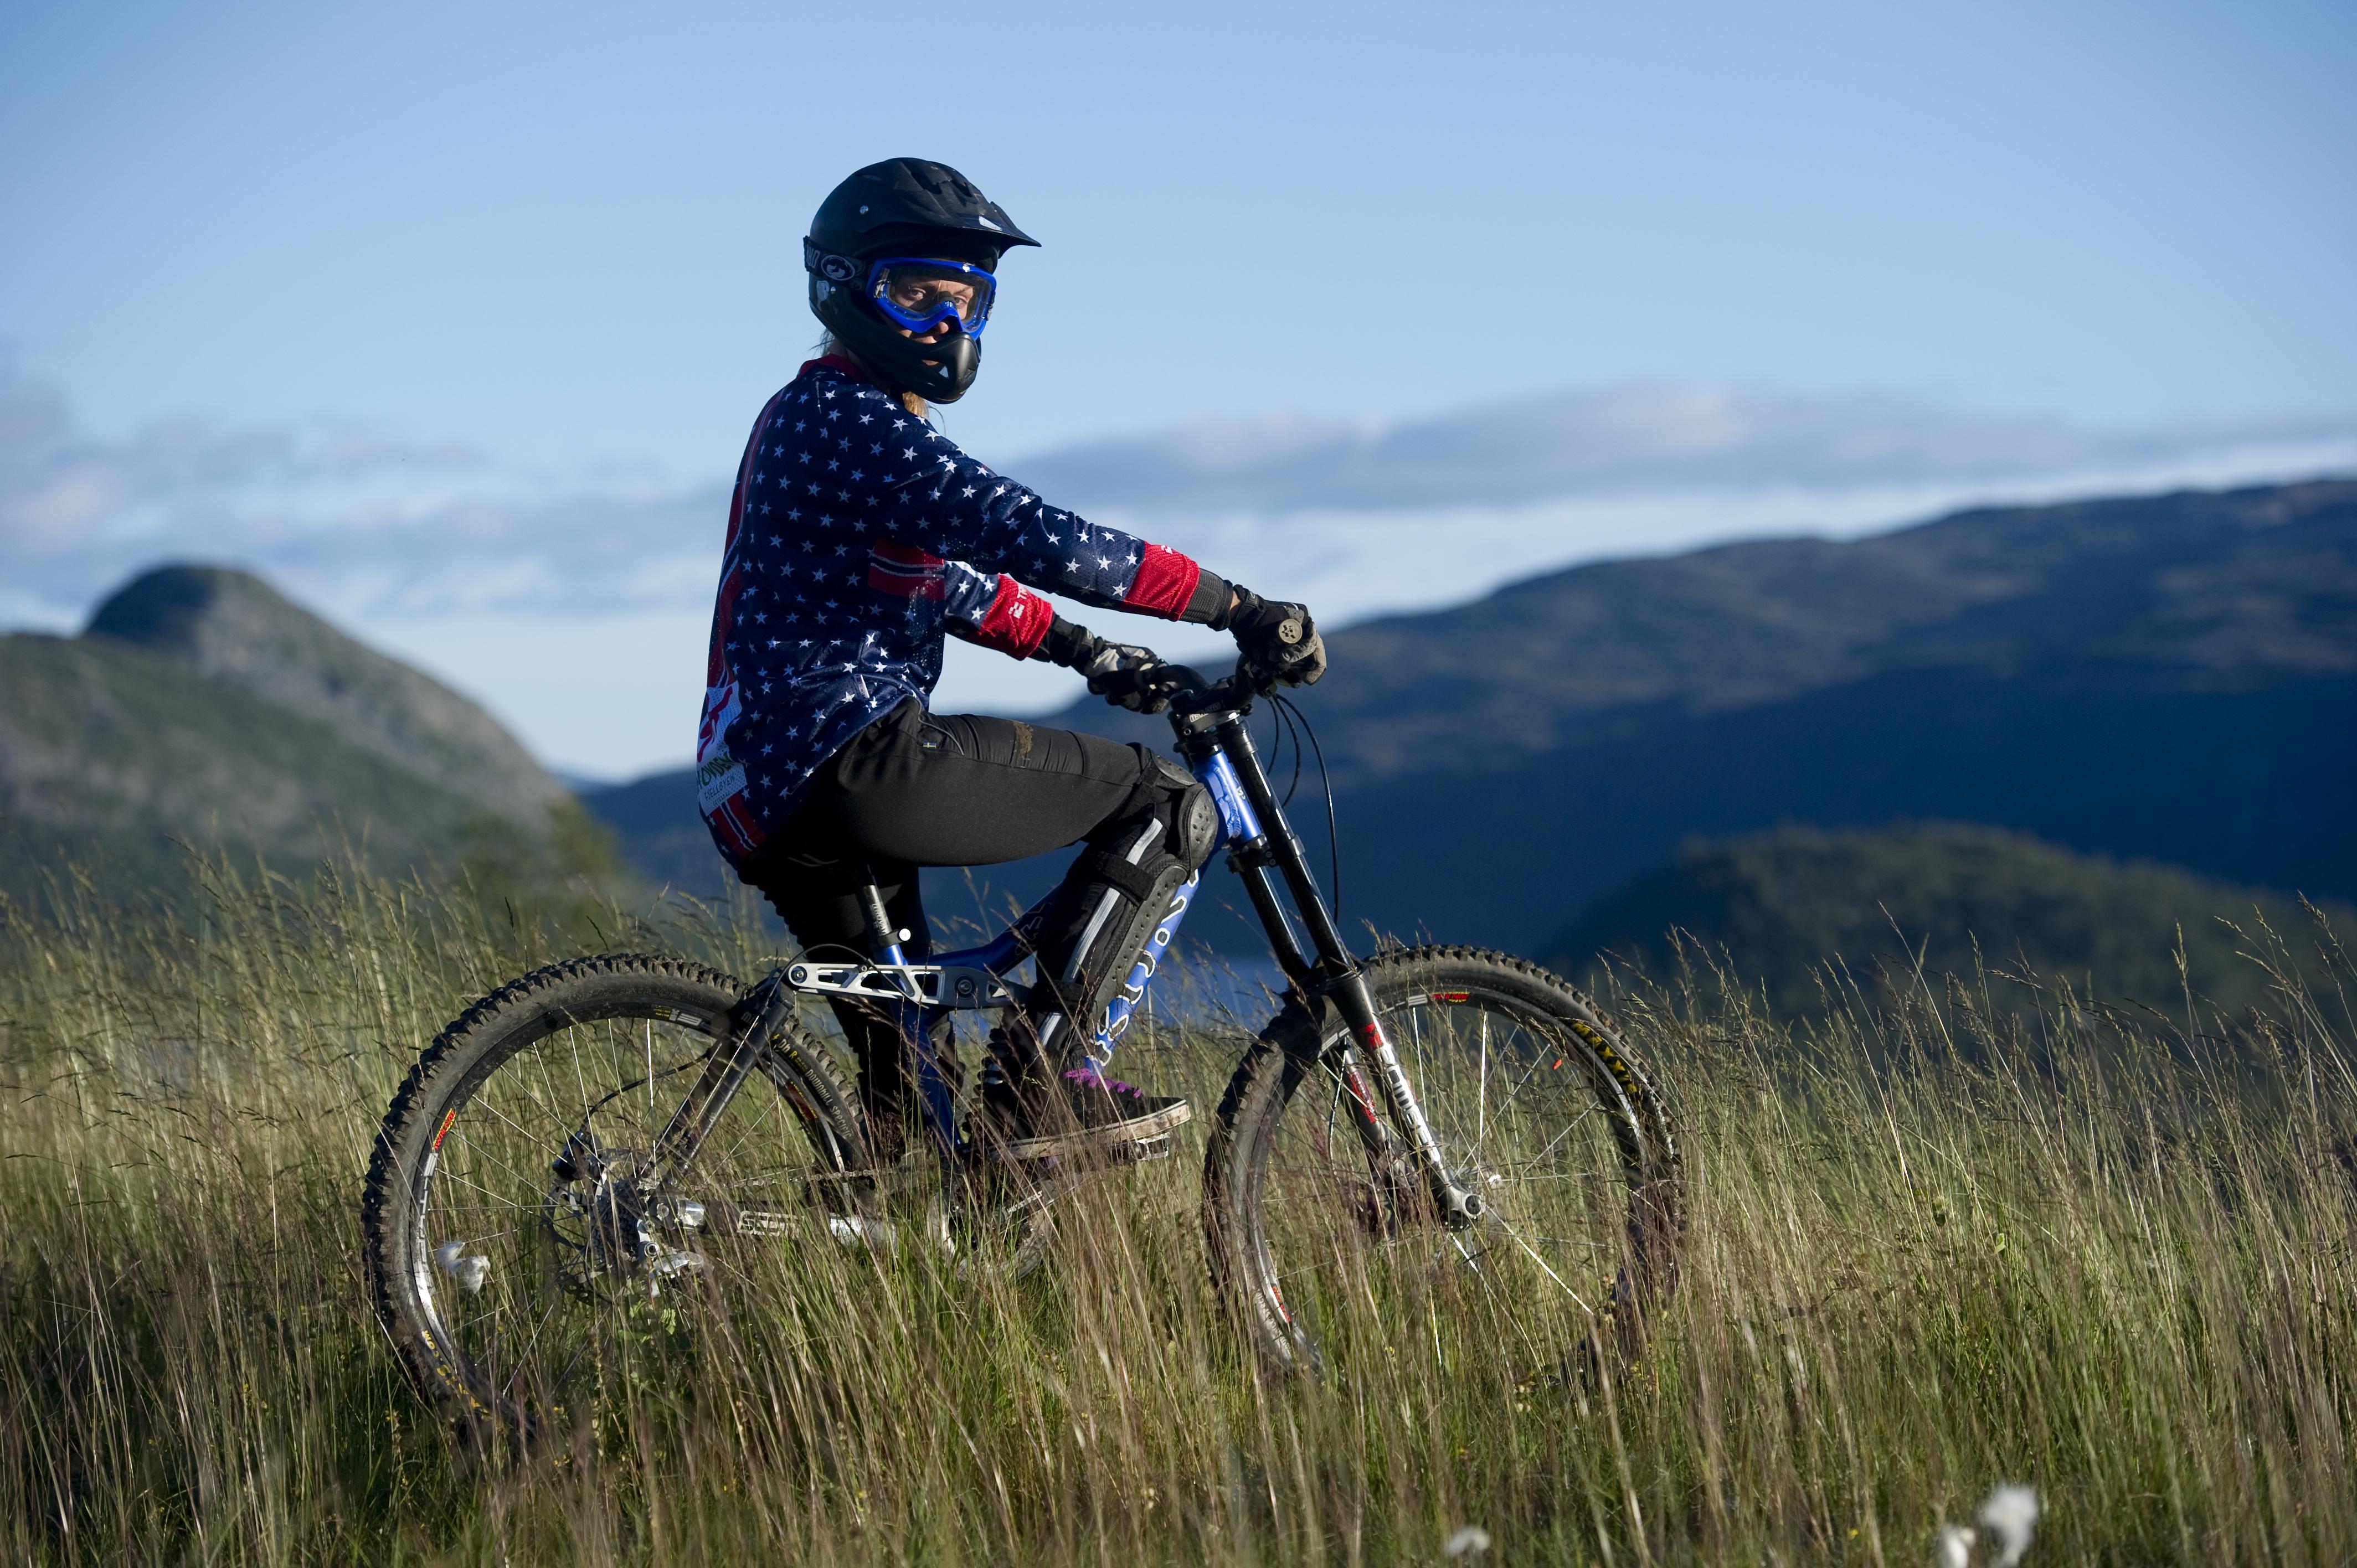 Test deg på Downhillsykkelen